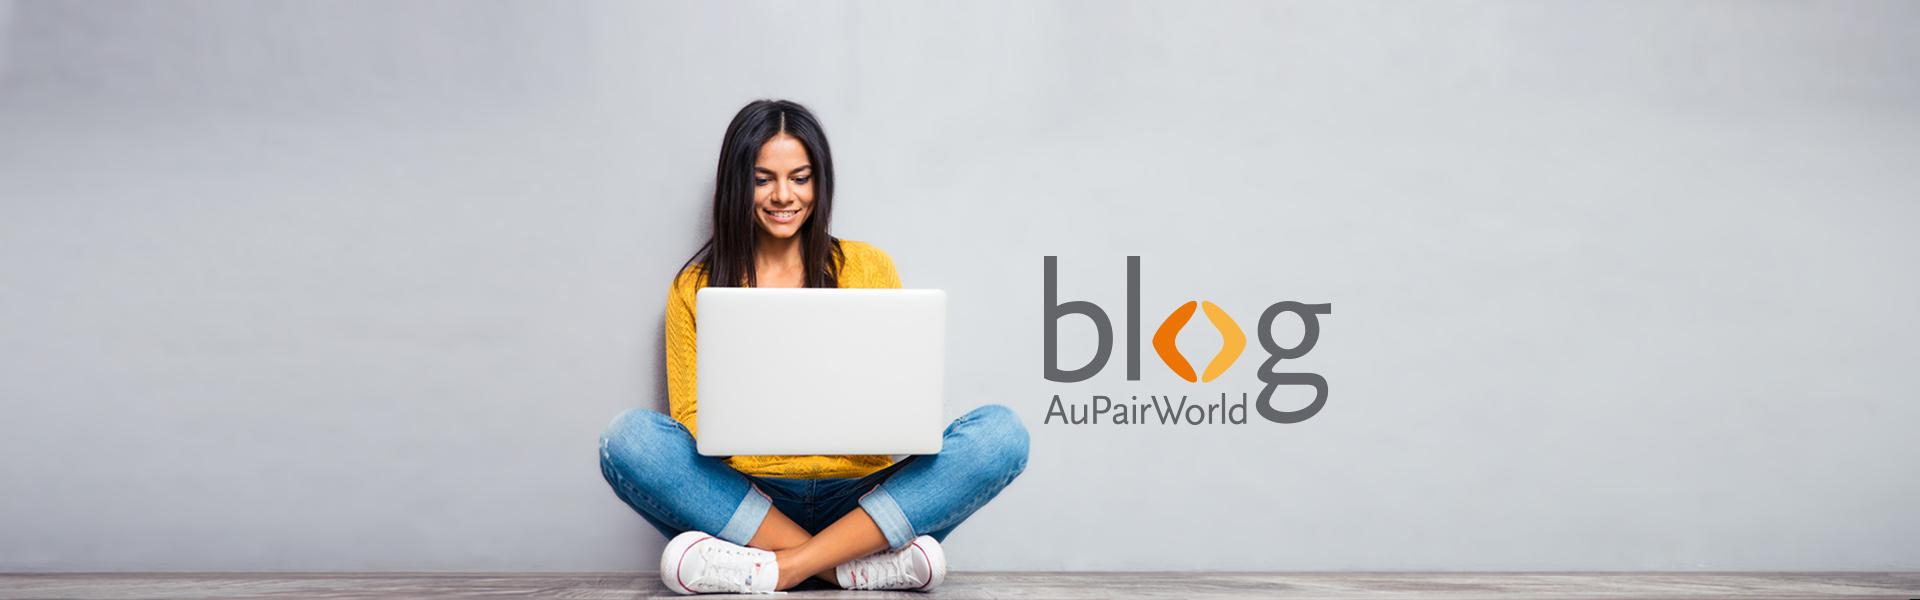 AuPairWorld Blog – Junge Frau mit Laptop